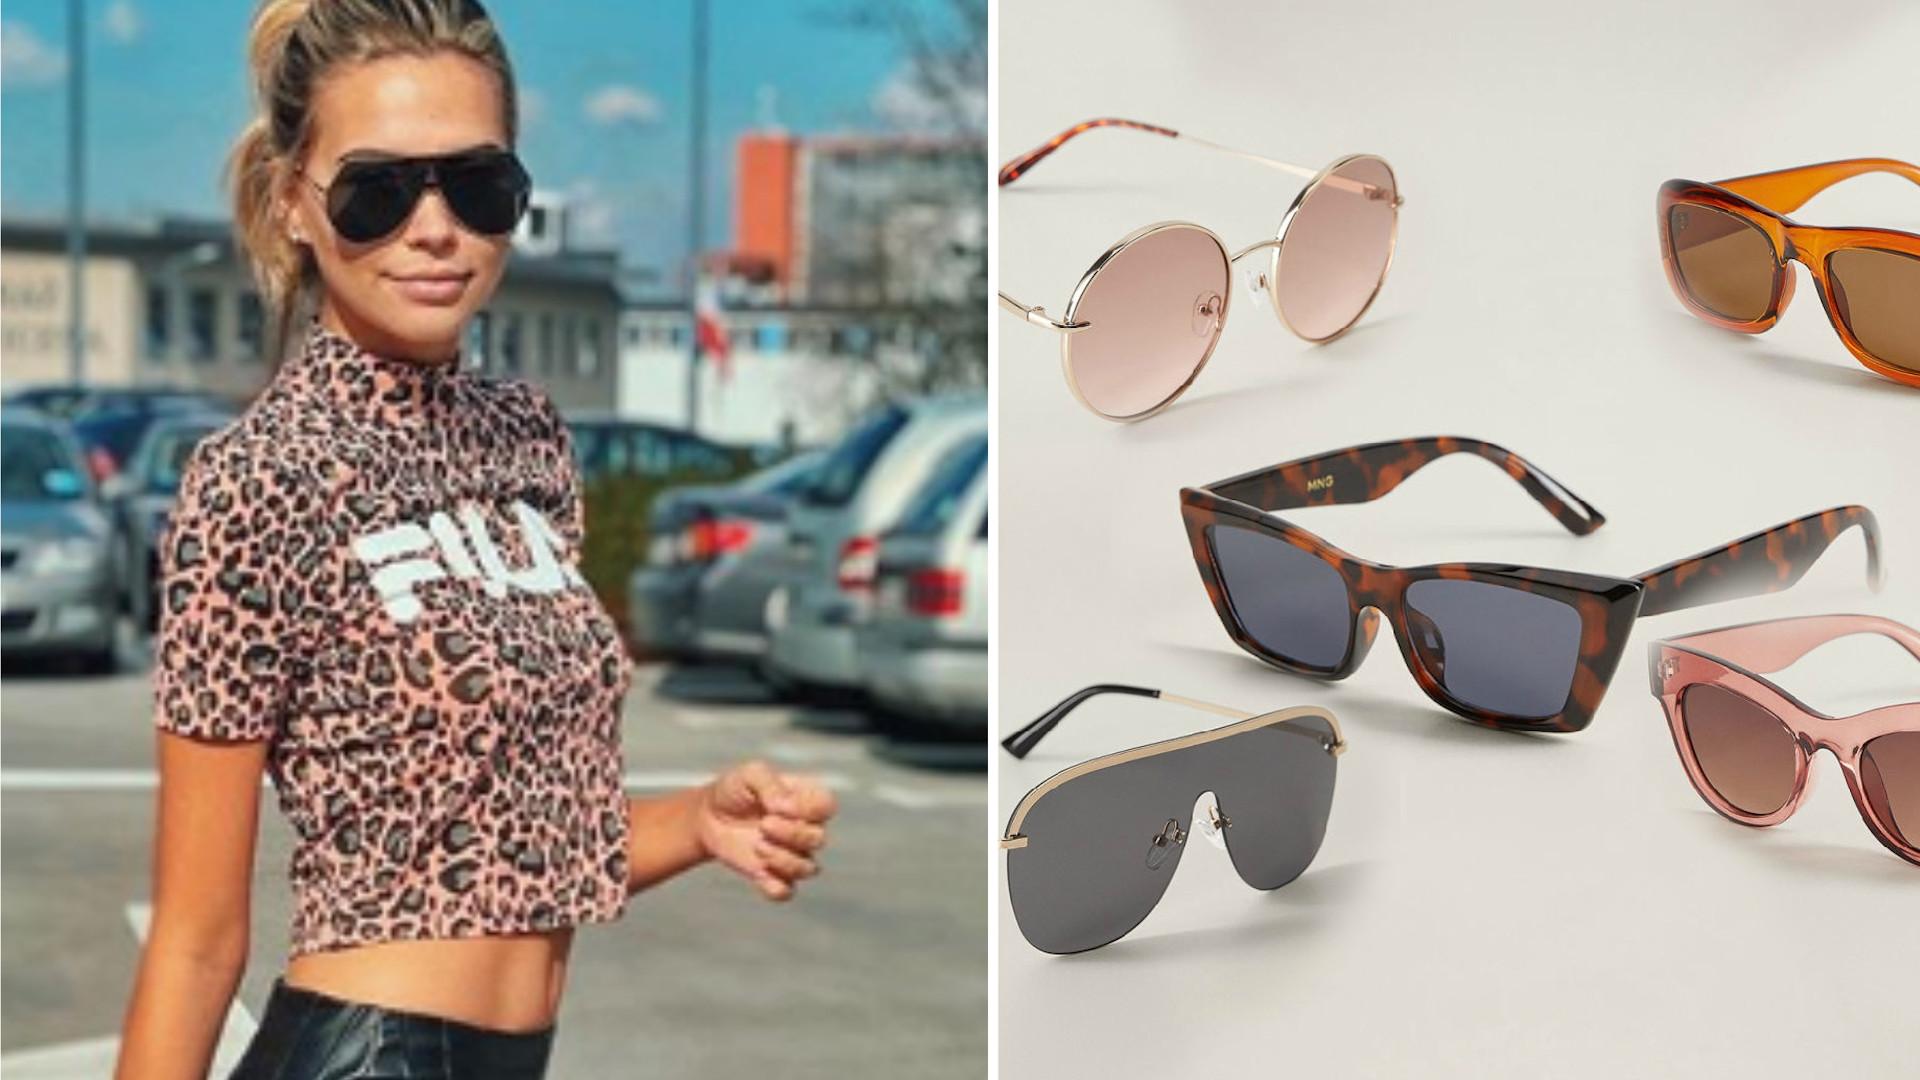 Świetny dodatek – okulary przeciwsłoneczne. Mamy model podobny do tego Sandry Kubickiej